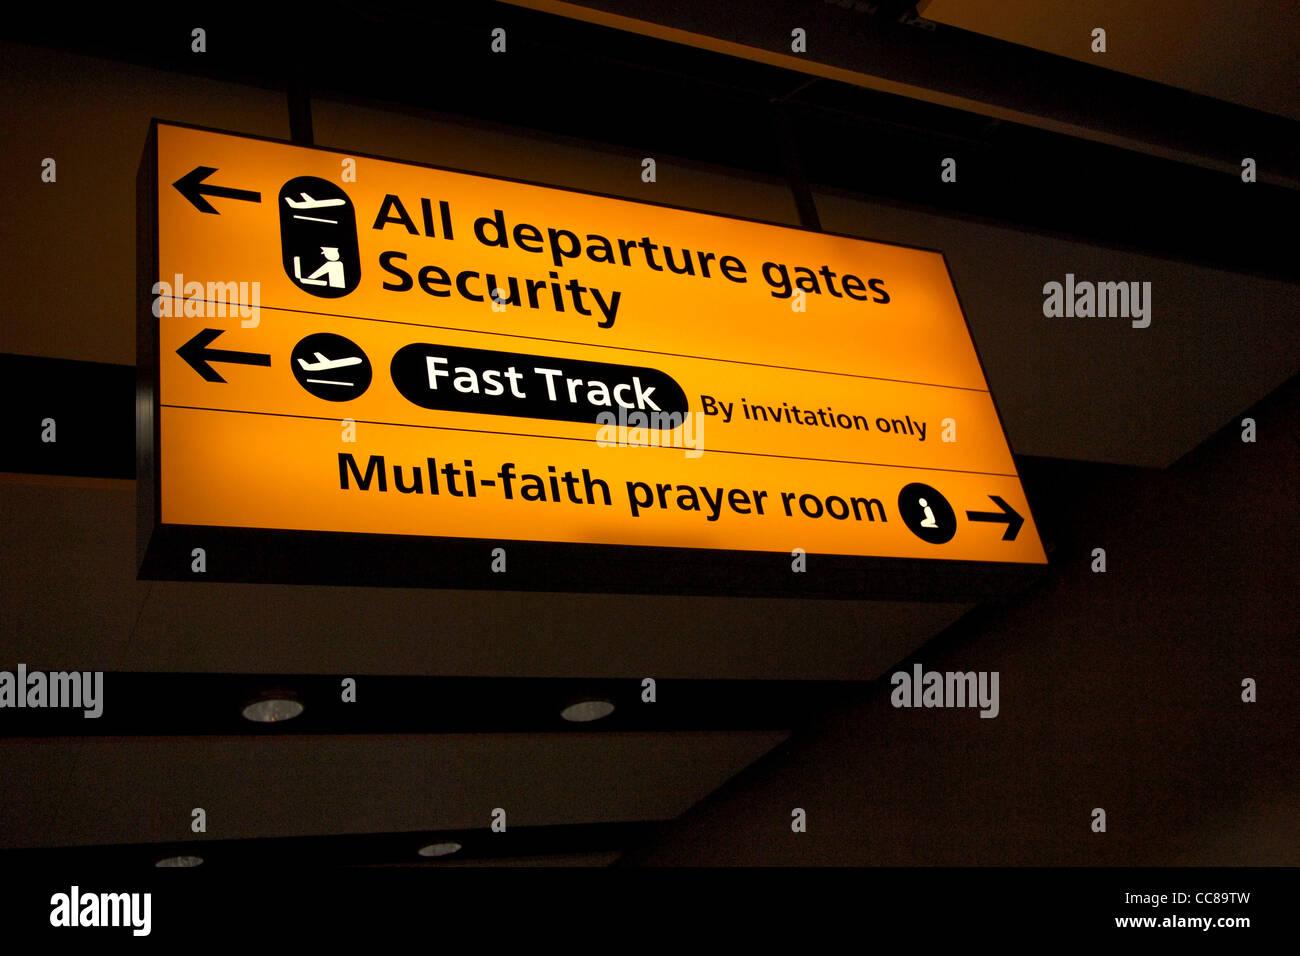 Aeropuerto del Reino Unido sala de oración multiconfesional firmar Imagen De Stock